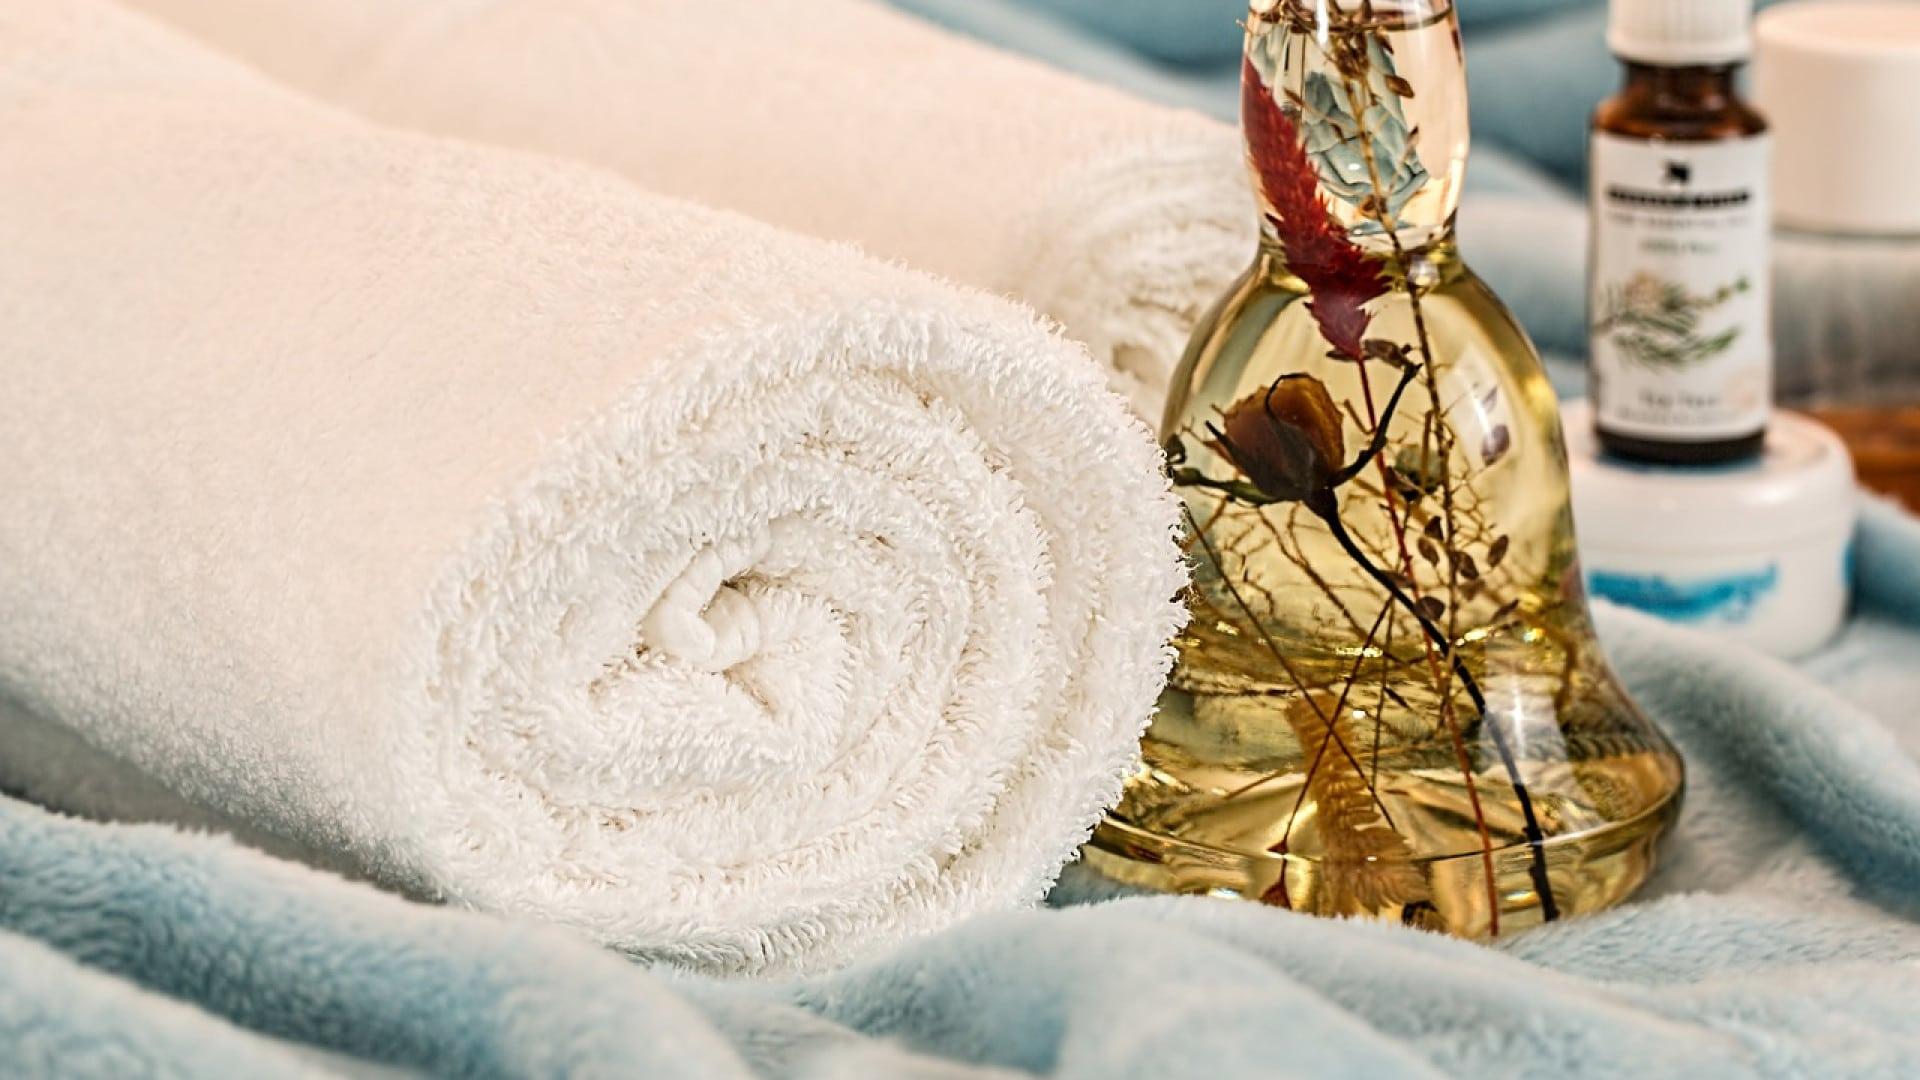 Installer un spa à la maison pour se détendre